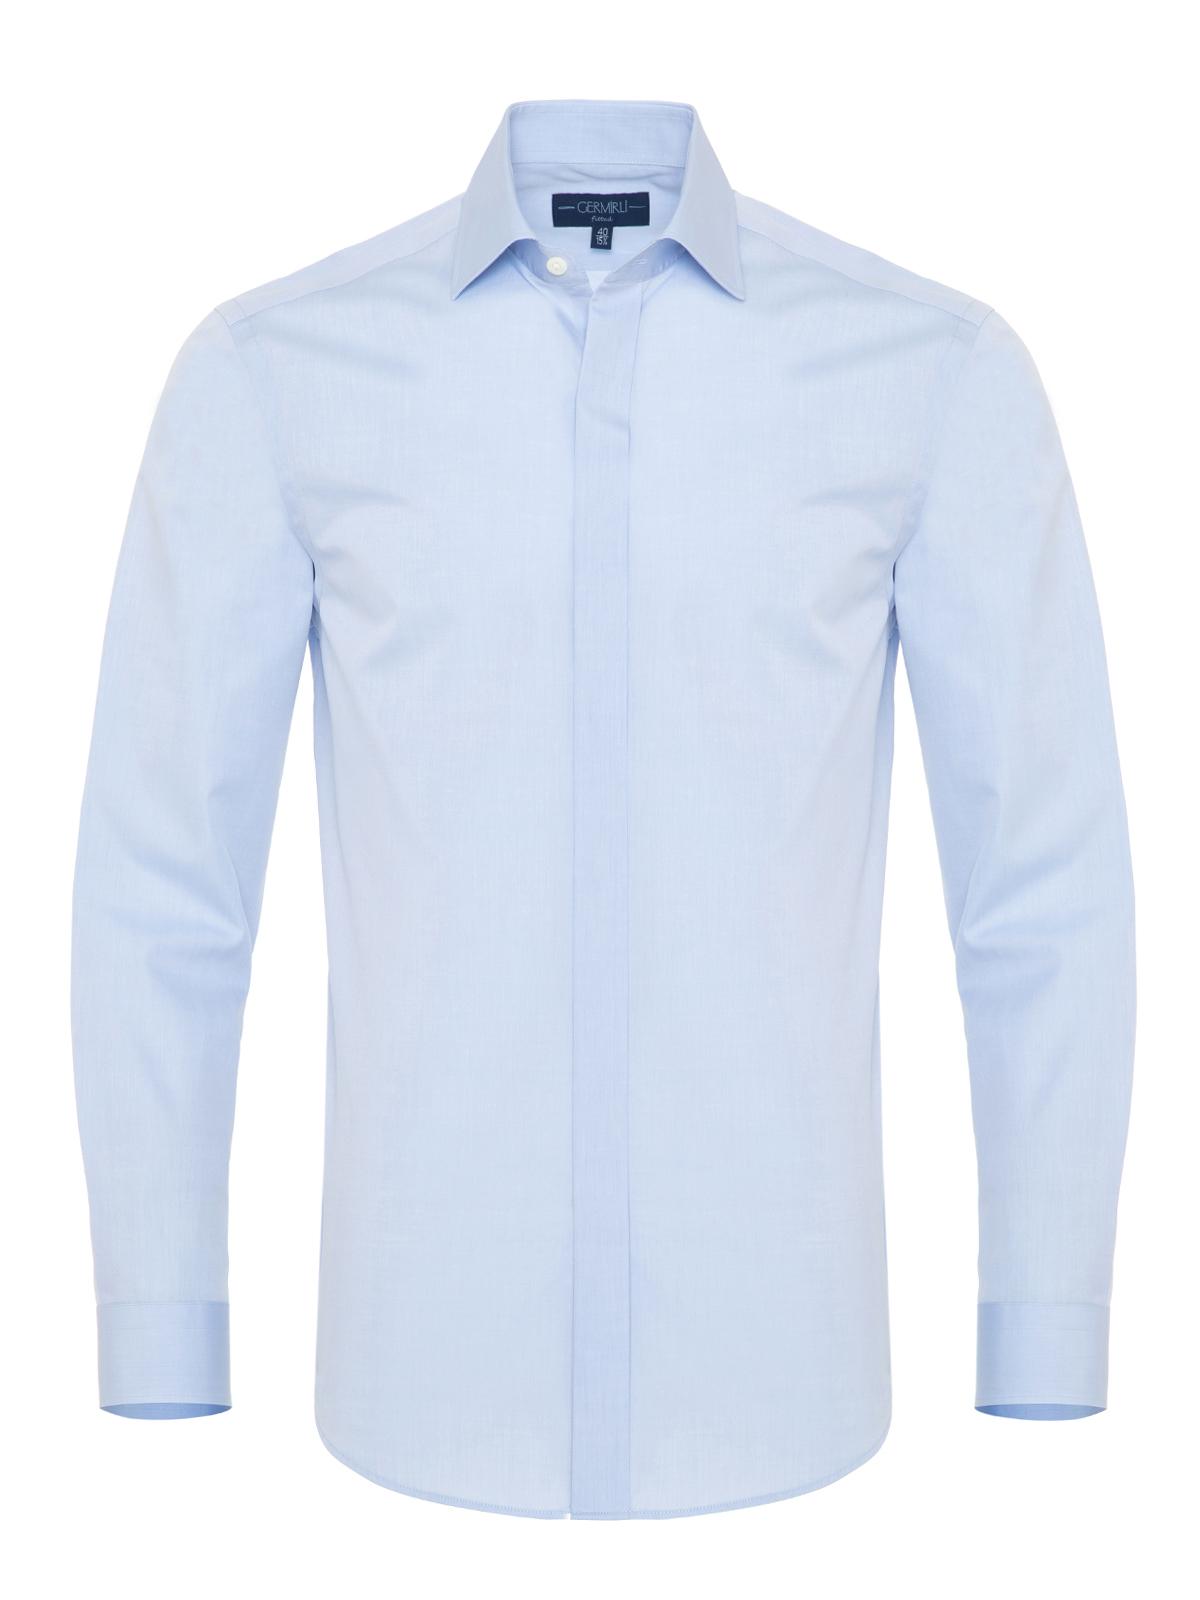 Germirli Açık Mavi Twill Doku Gizli Pat Tailor Fit Gömlek